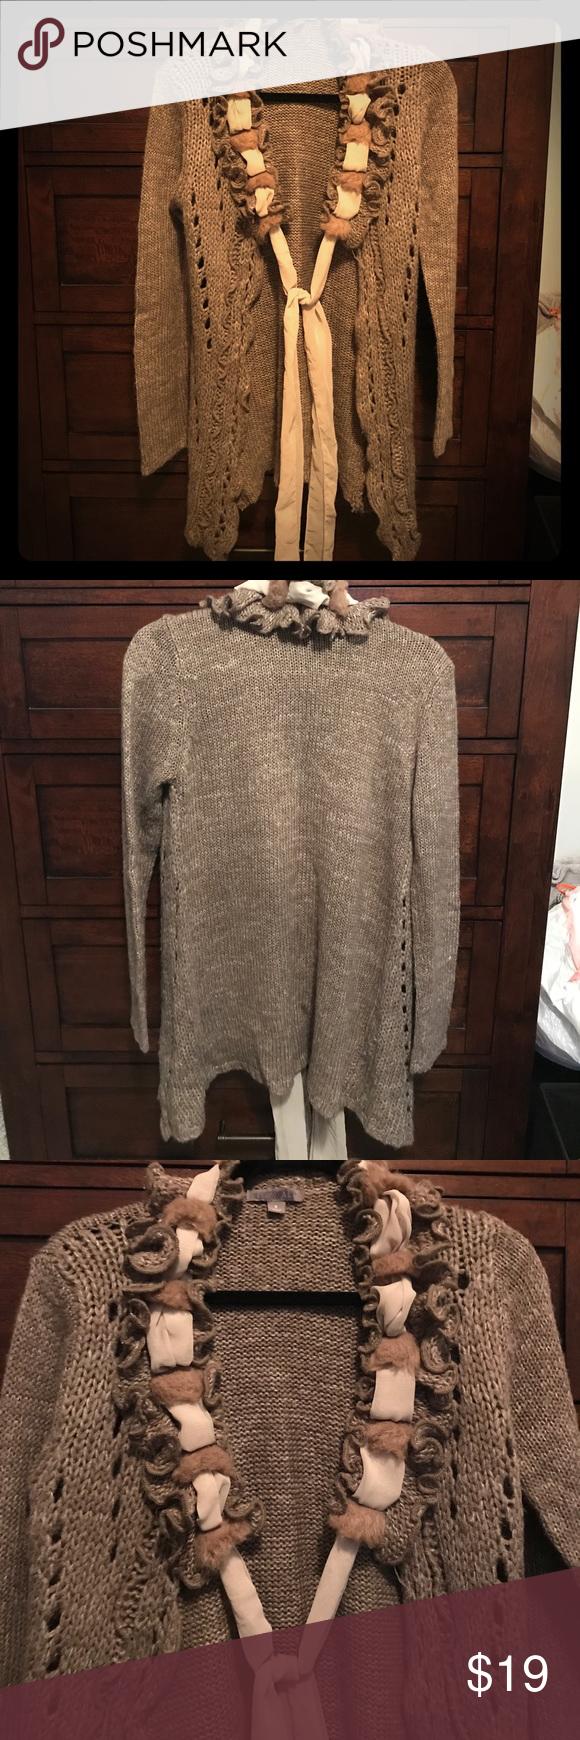 Beautiful Sweater!! Size Small